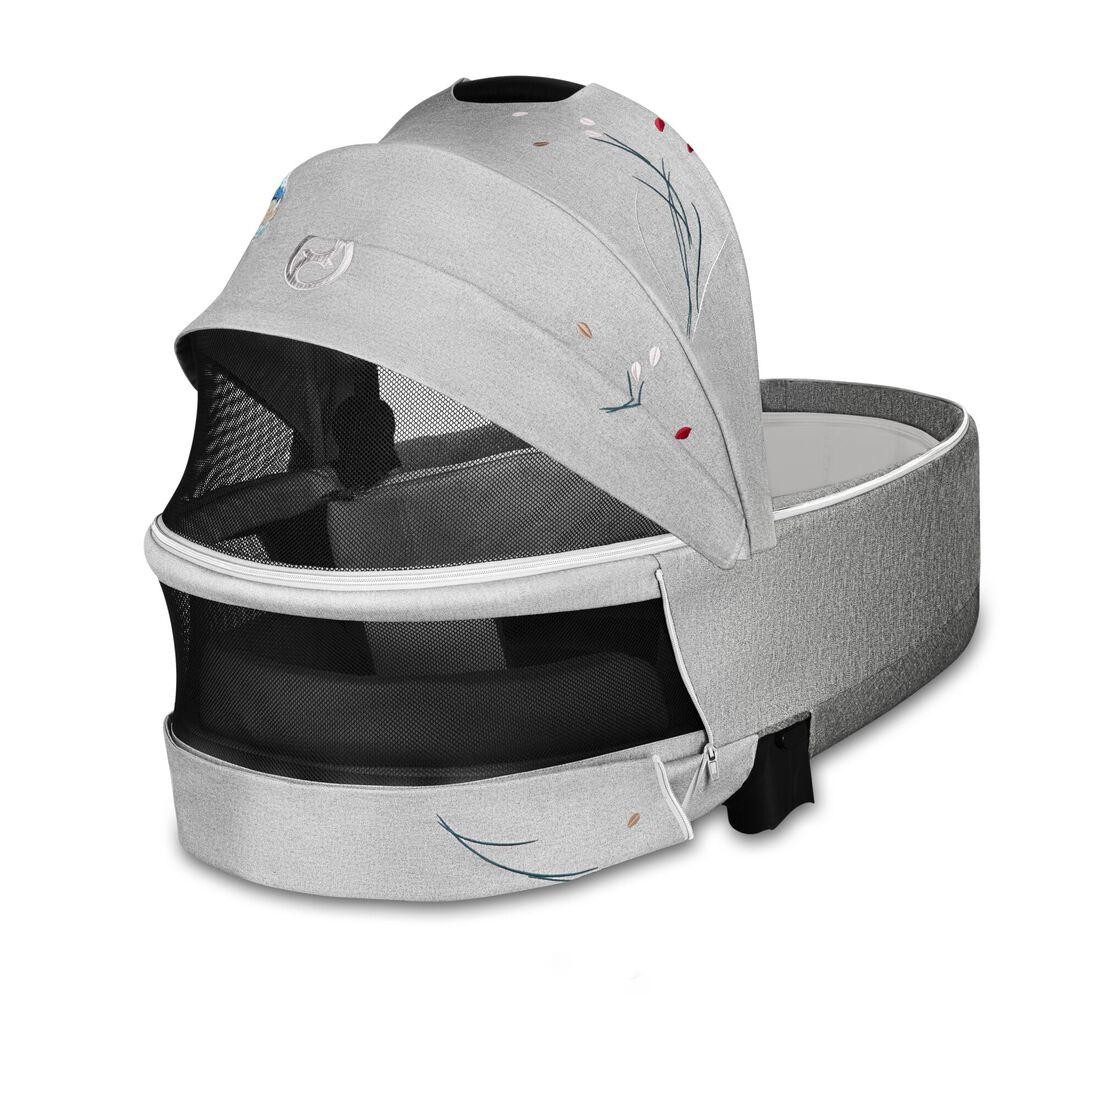 CYBEX Priam Lux Carry Cot - Koi in Koi large Bild 3